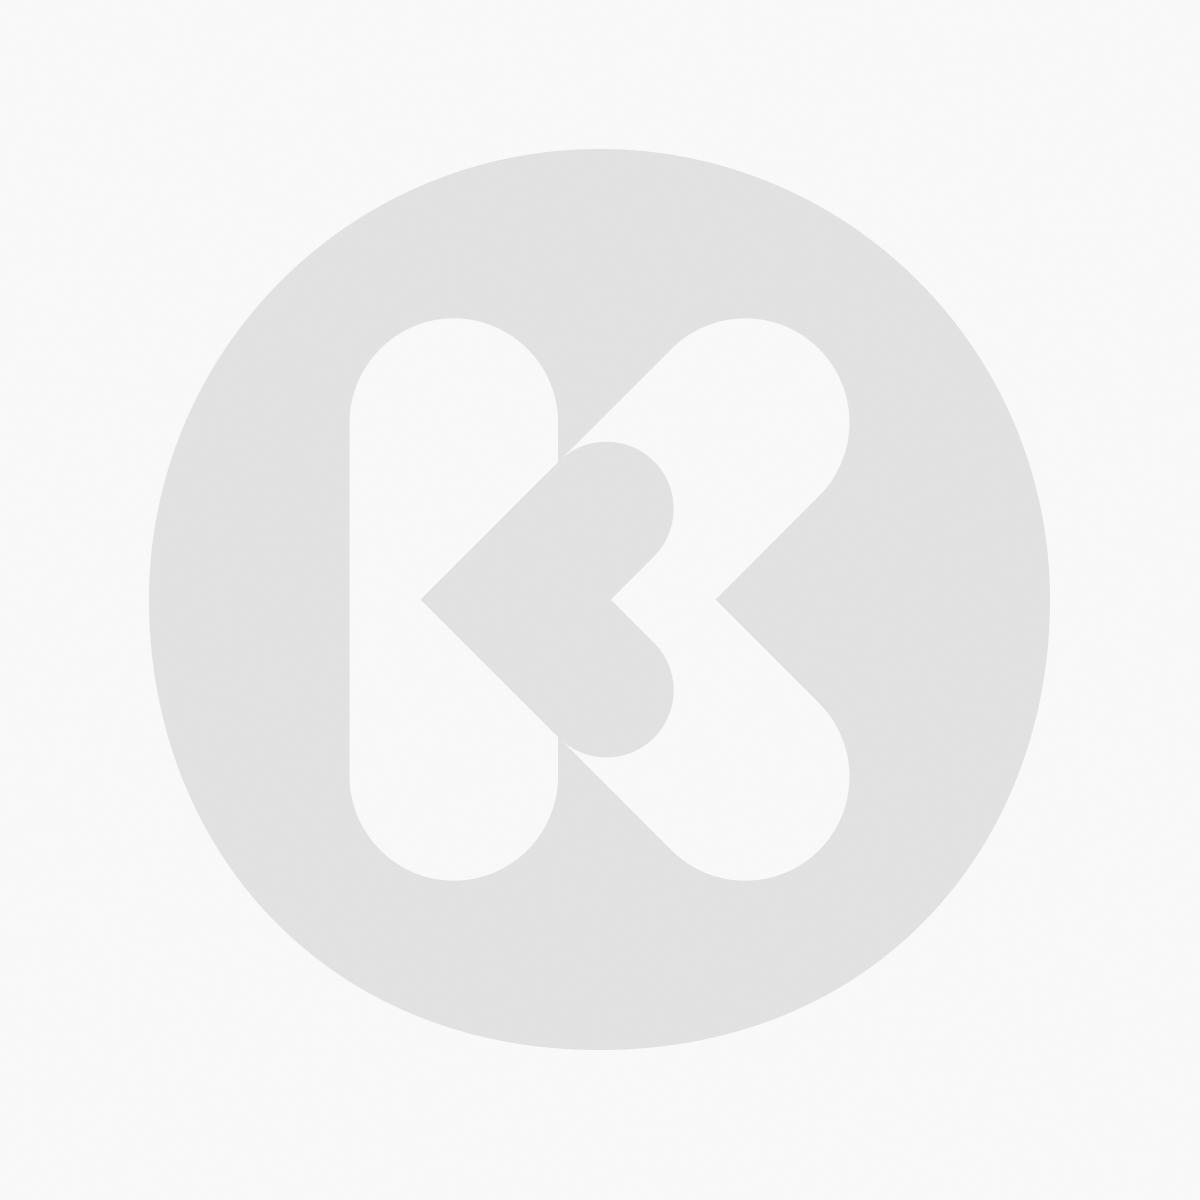 Tấm lót chống thấm Naforye - Hồng